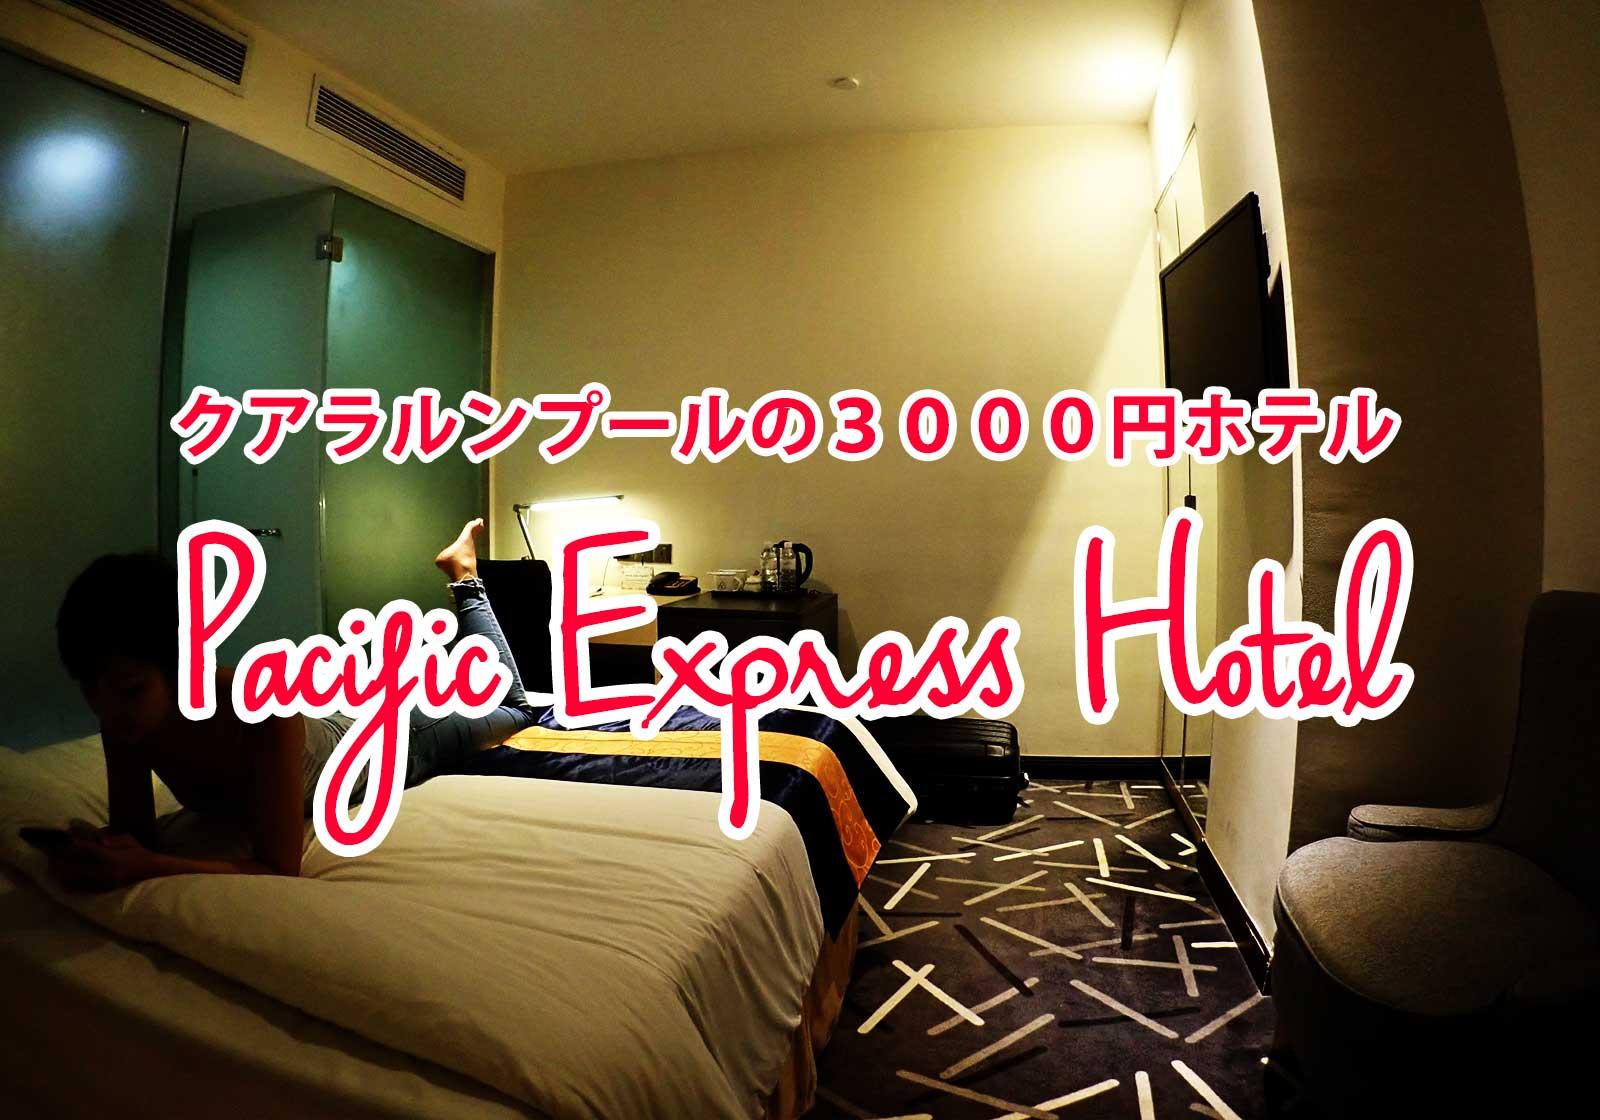 クアラルンプールのおすすめ三千円ホテル